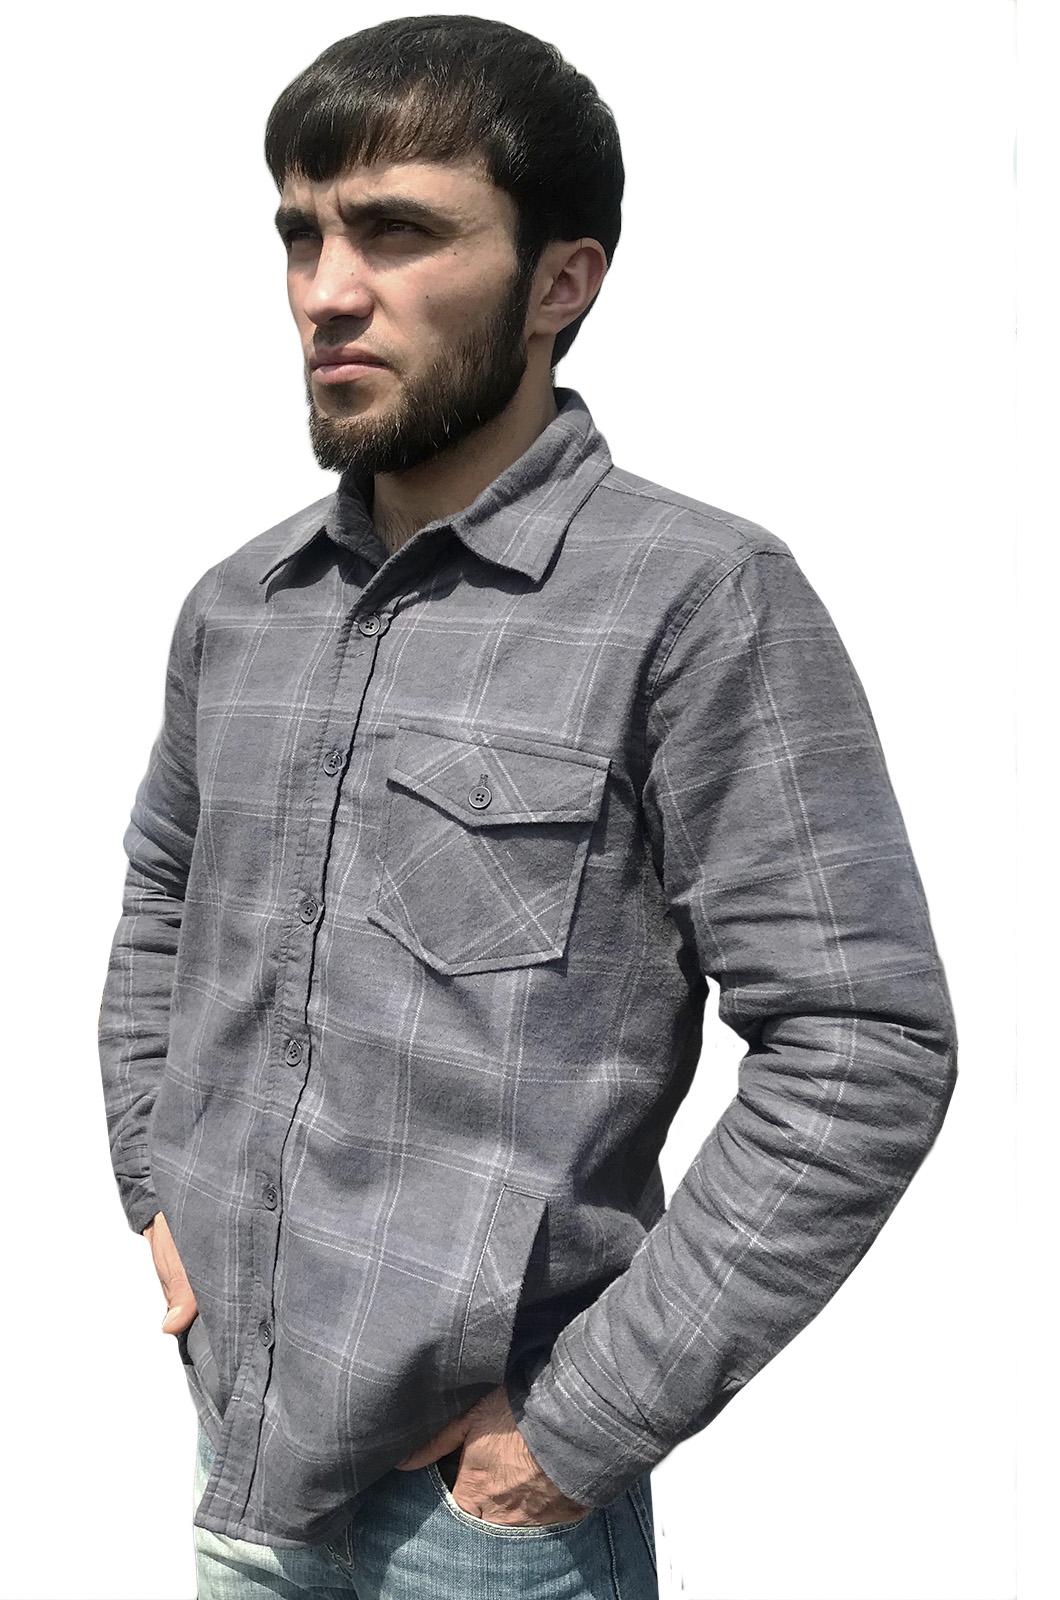 Мужская рубашка с вышитым шевроном 728 отдельный батальон связи 76 ДШД - купить в розницу